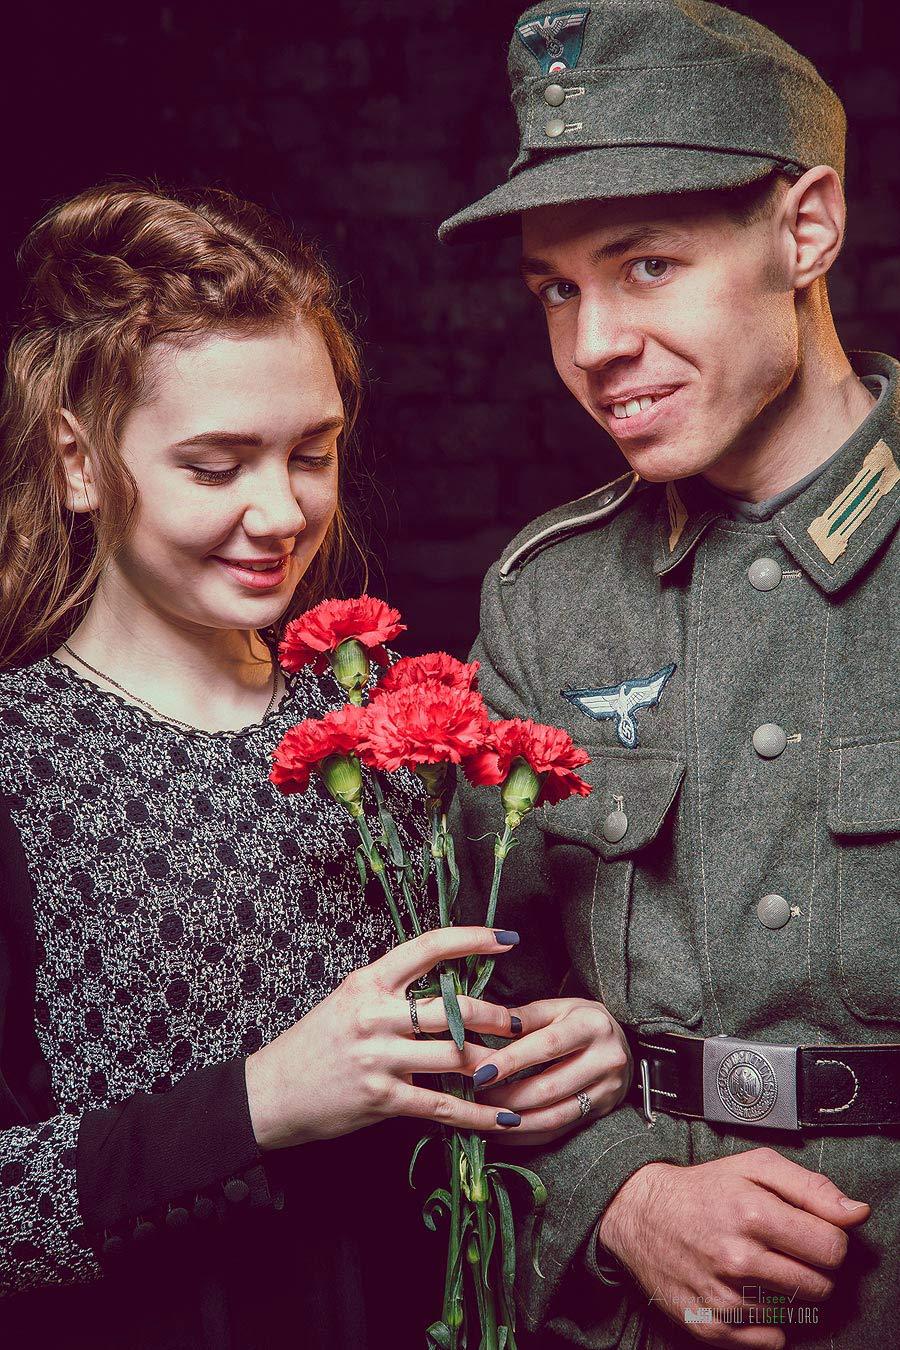 немецкий солдат вместе с девушкой